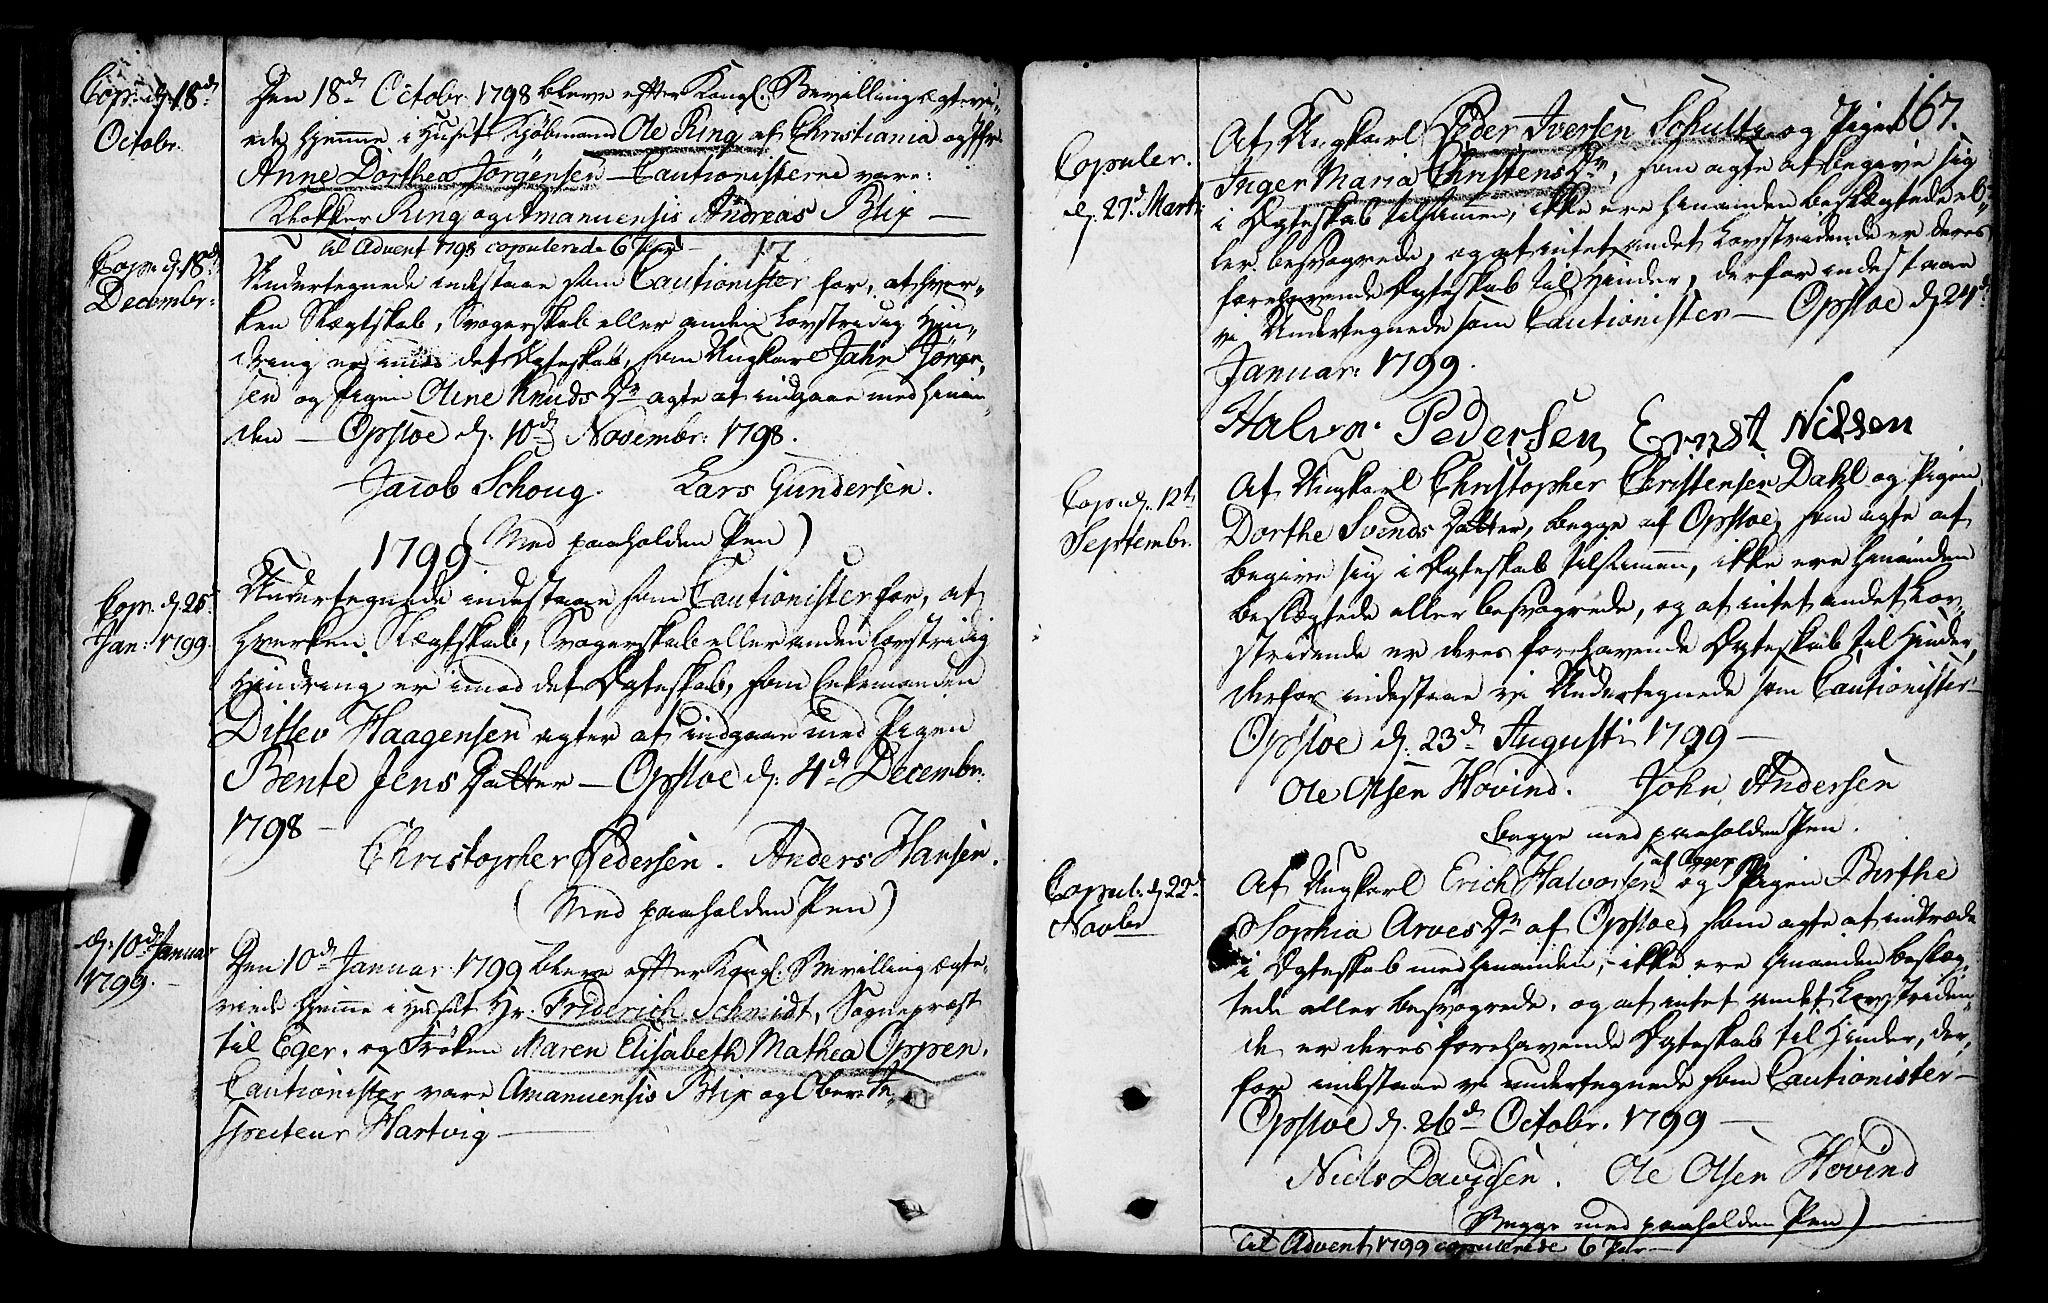 SAO, Gamlebyen prestekontor Kirkebøker, F/Fa/L0001: Ministerialbok nr. 1, 1734-1818, s. 167